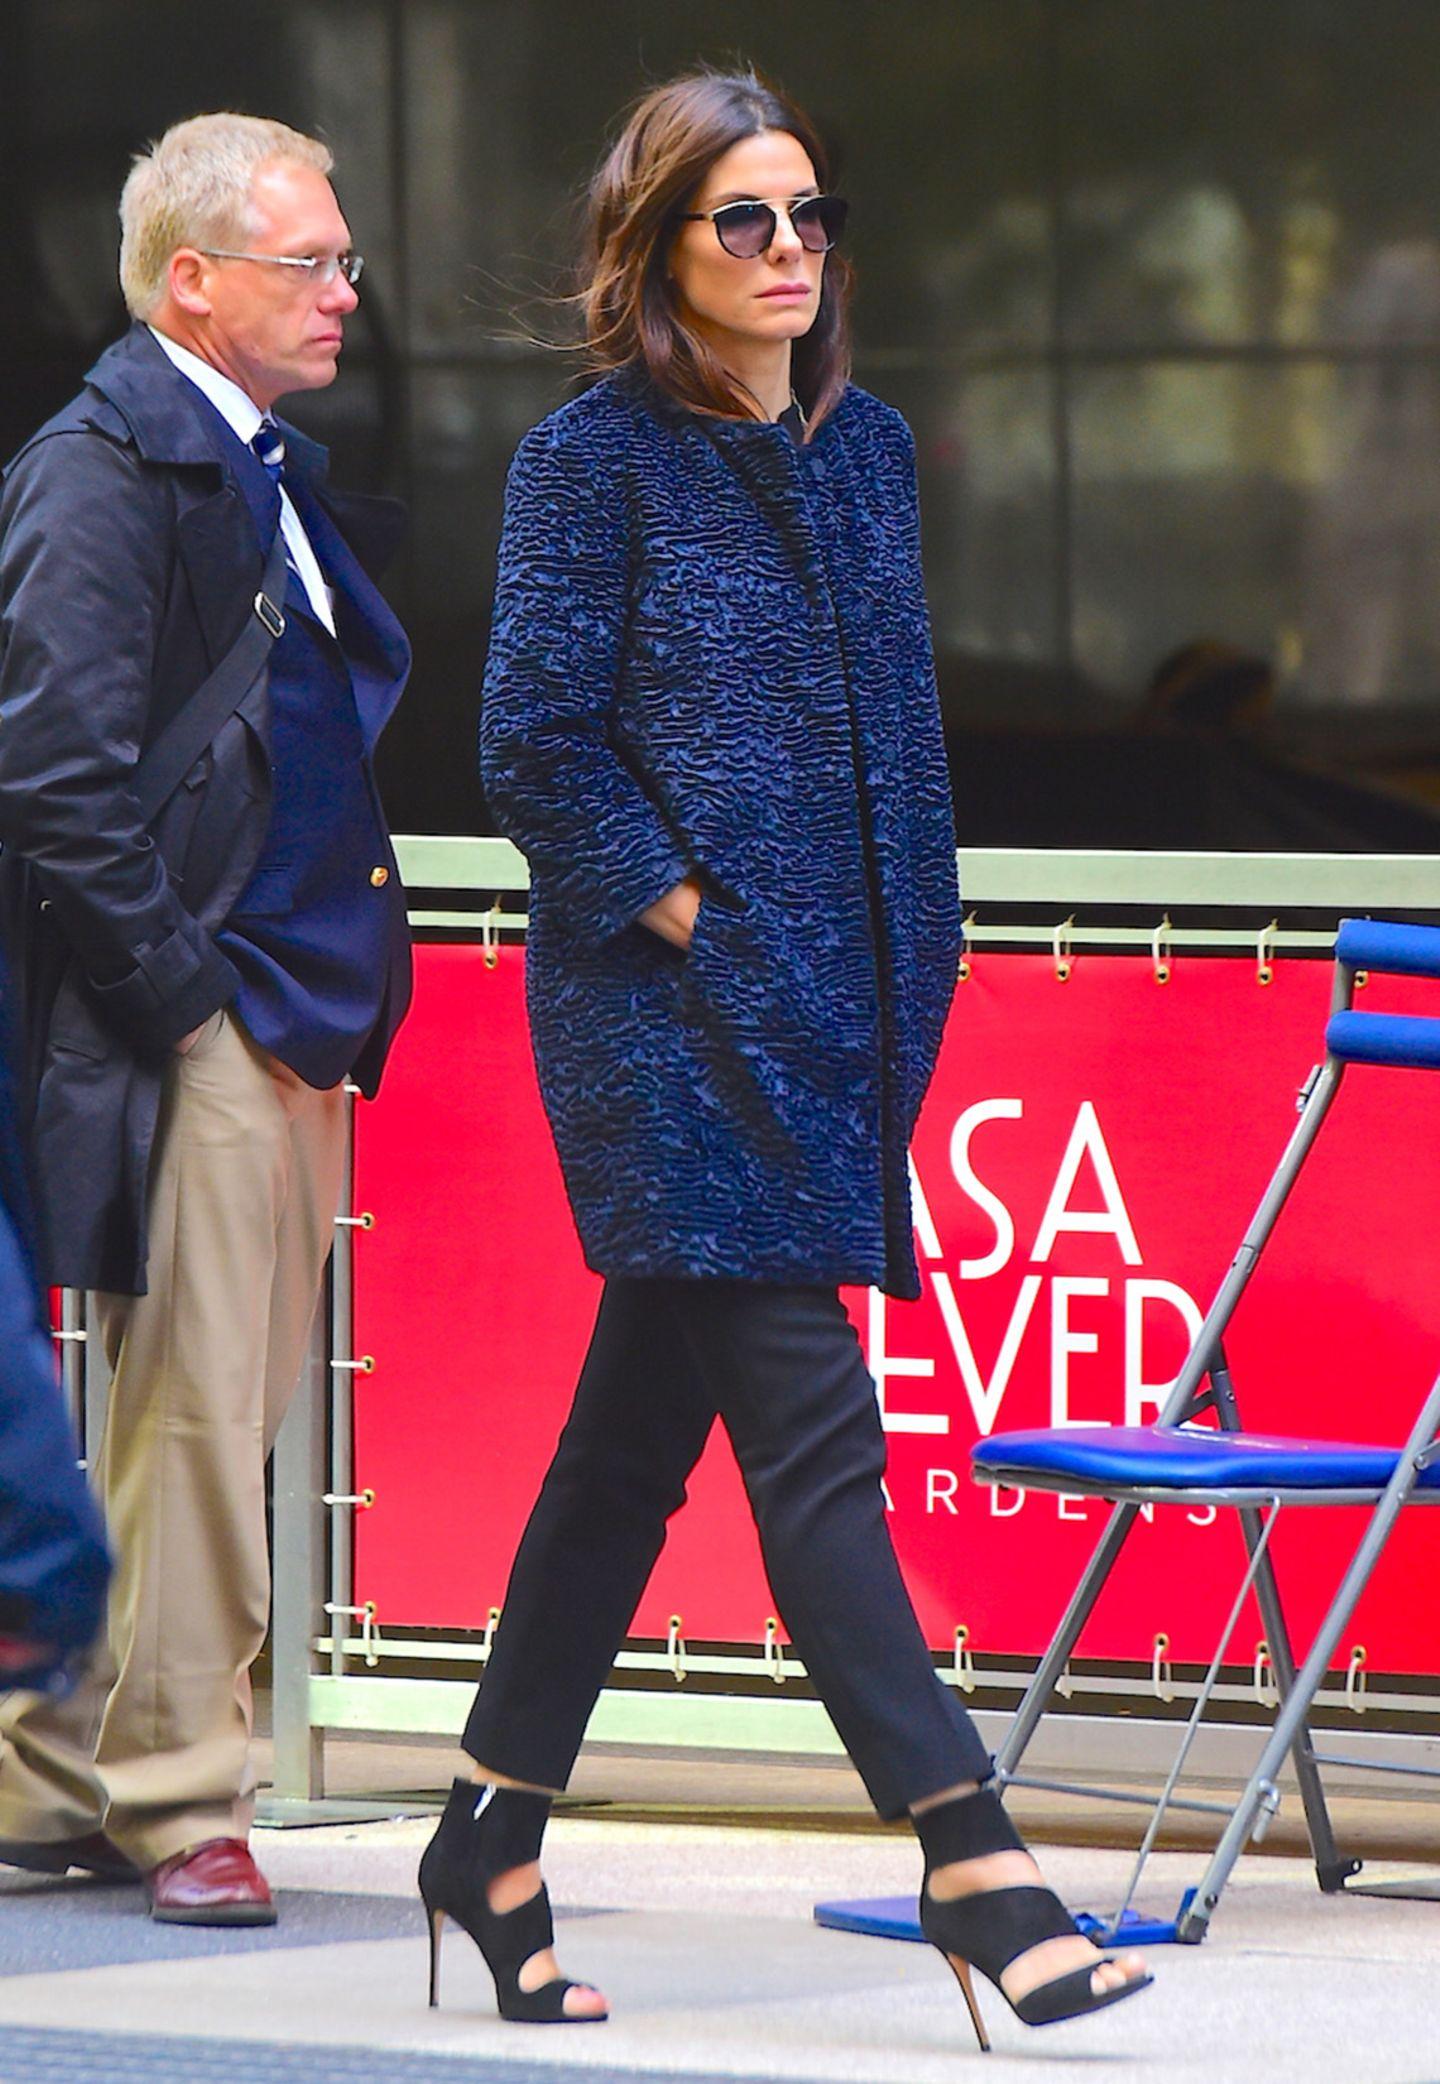 """Die Dreharbeiten zu """"Ocean's 8"""" haben in New York begonnen, und Sandra Bullock übernimmt darin die Rolle Danny Oceans (gespielt von George Clooney) weiblichem Pendant. Im dunkelblauen Herbst-Look sieht sie dabei ziemlich stylisch aus."""